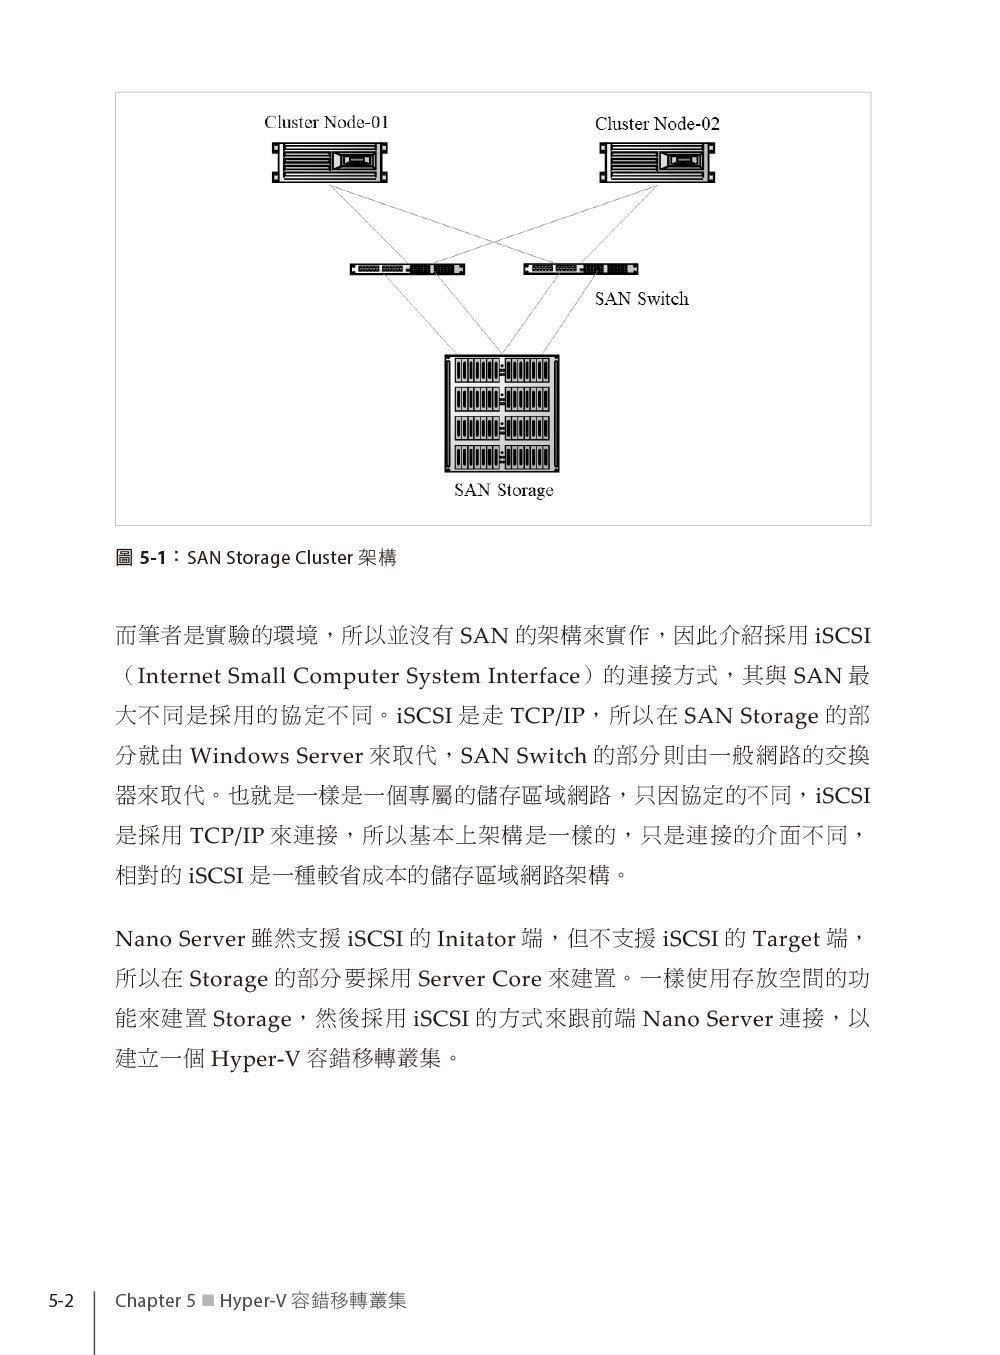 實戰高可用性 Hyper-V|使用 Nano Server 與 Server Core 建置永不停機系統-preview-5